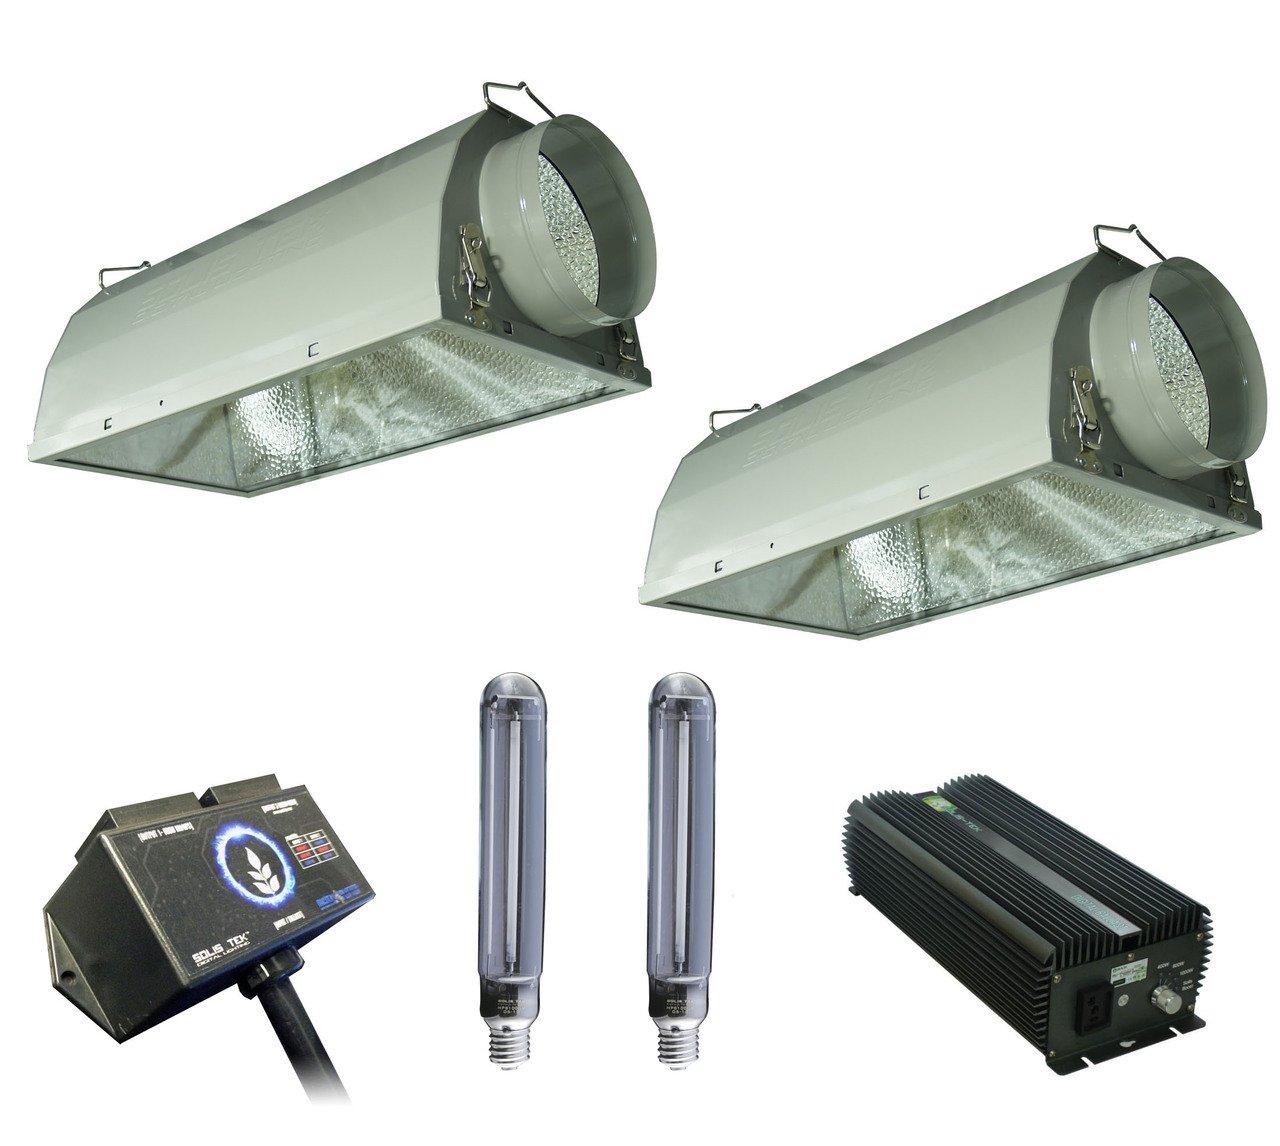 SolisTek Combo: 1000w Ballast, HPS Bulbs, 6'' Reflectors, & Digital Splitter